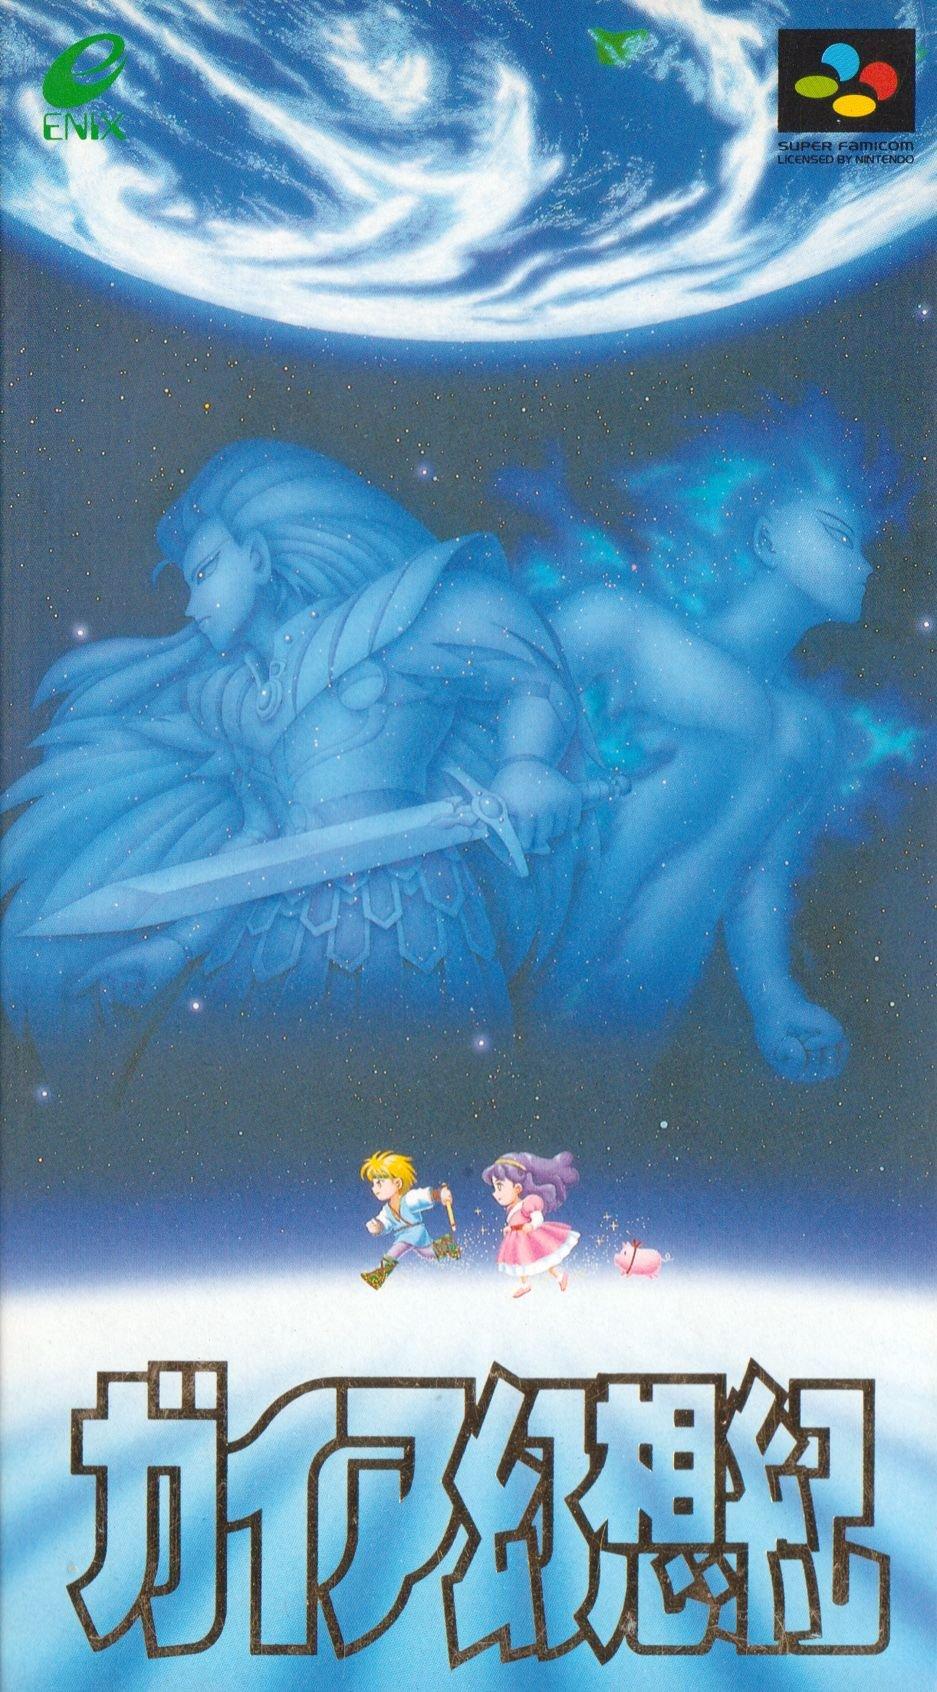 Les plus beaux visuels de boite Super famicom / Super Nintendo 191208062524581638